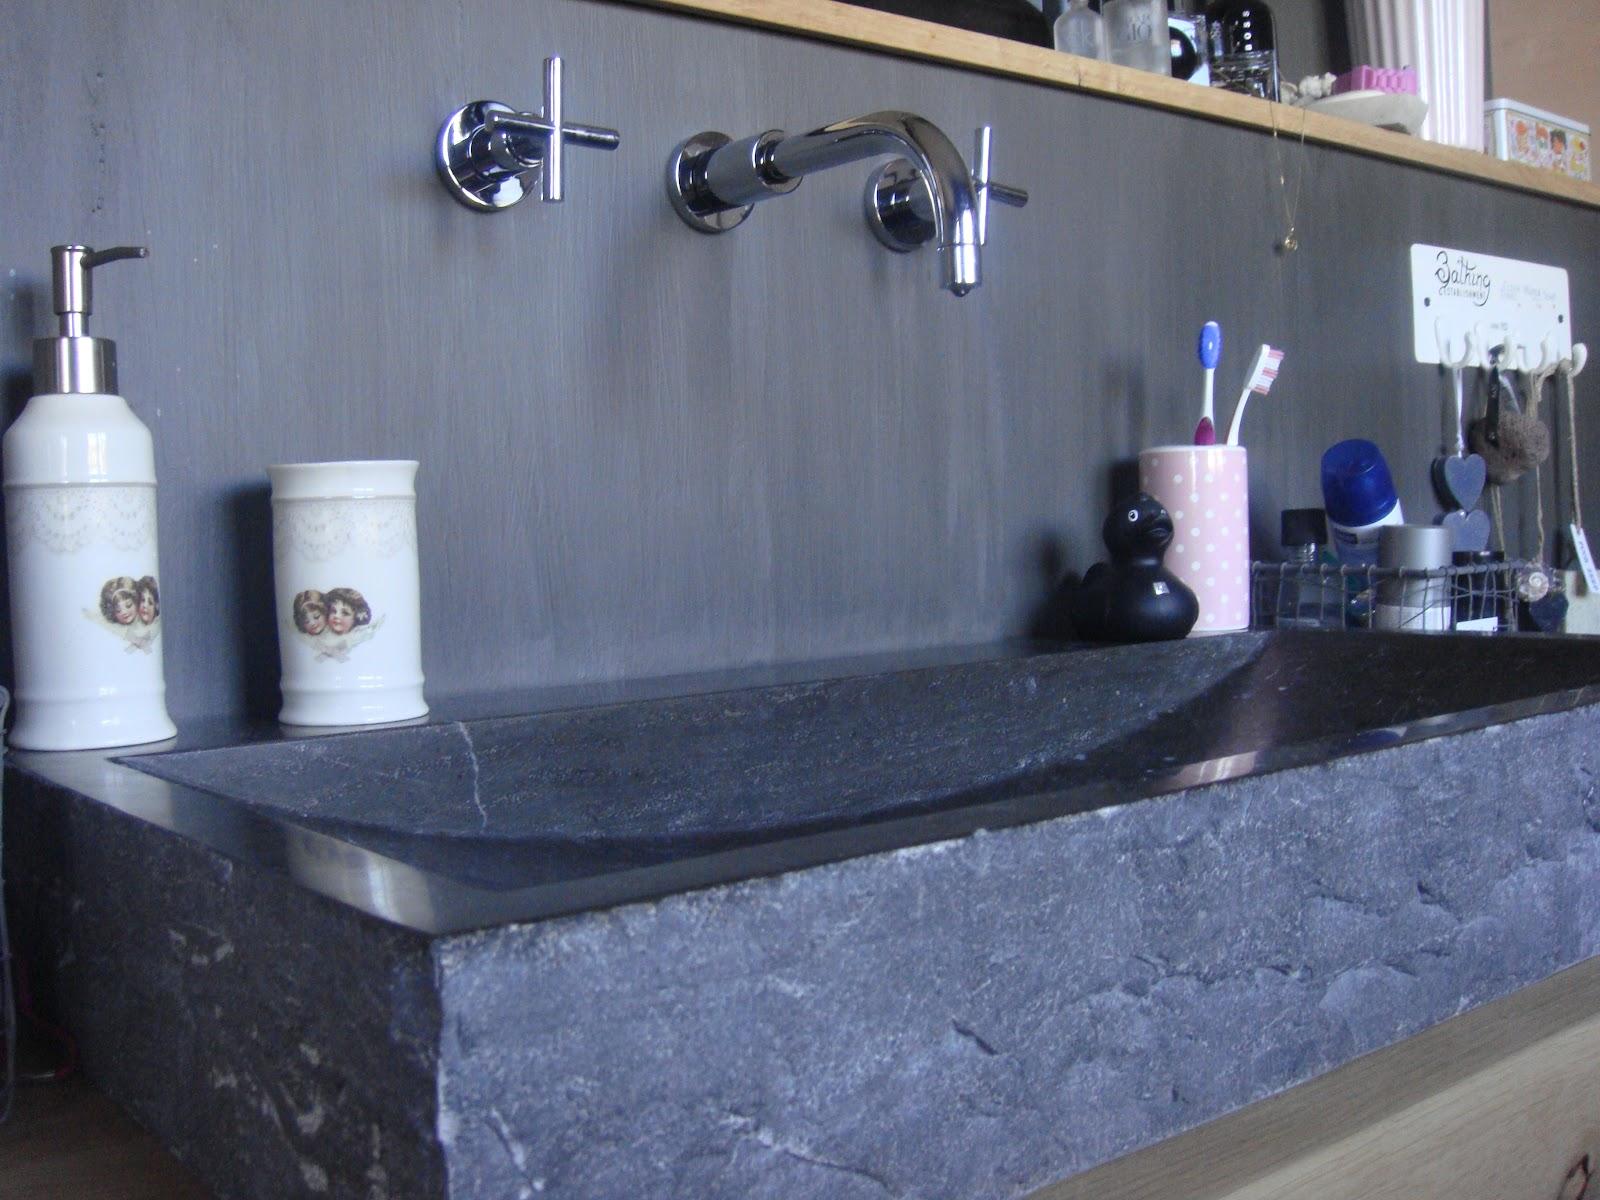 Badkamer Tegels Kalk : Mijn huis, Mijn leven!: Onze Hamam Relax ...